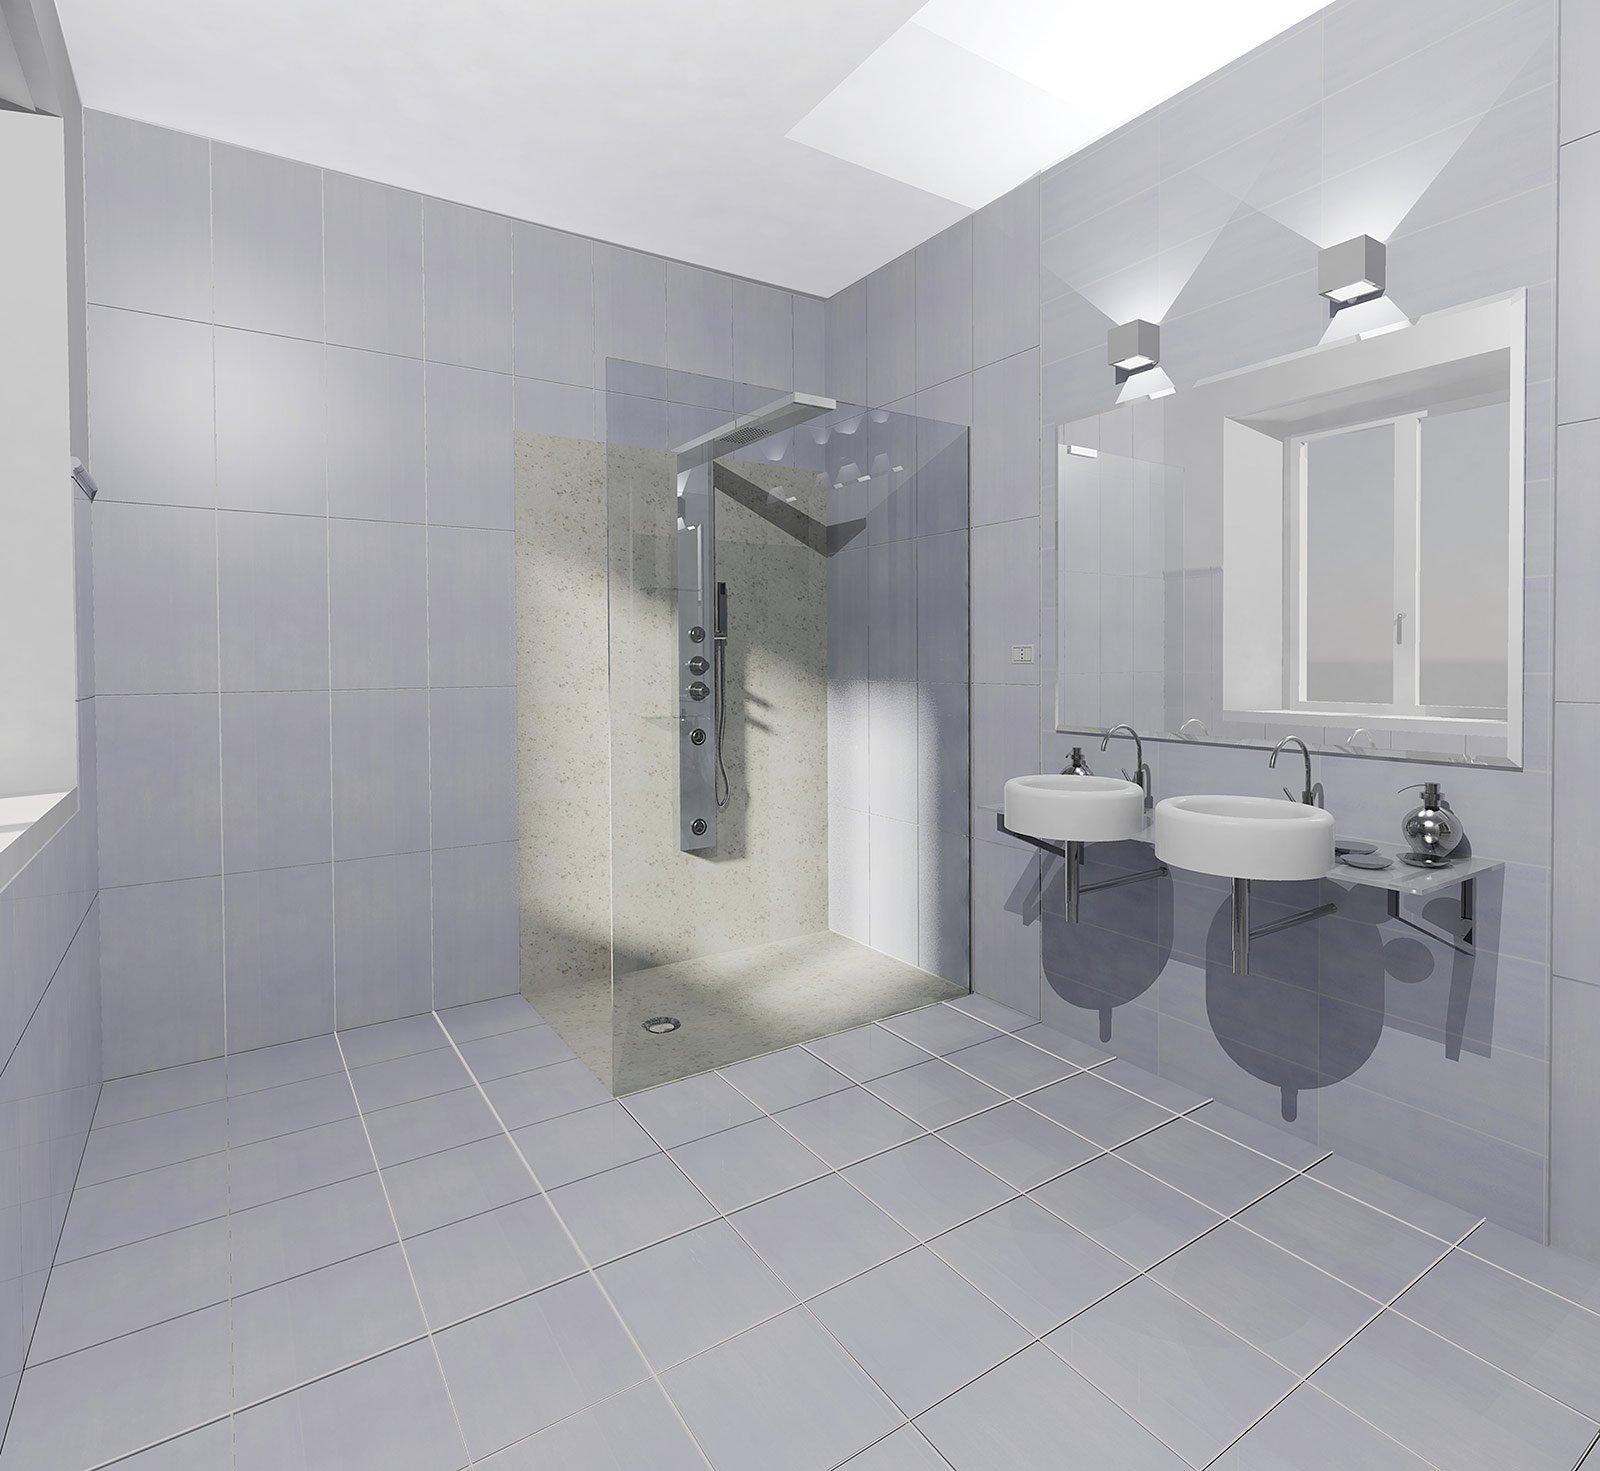 Scegliere i rivestimenti per pareti e pavimenti cose di casa - Bagni con doccia a pavimento ...